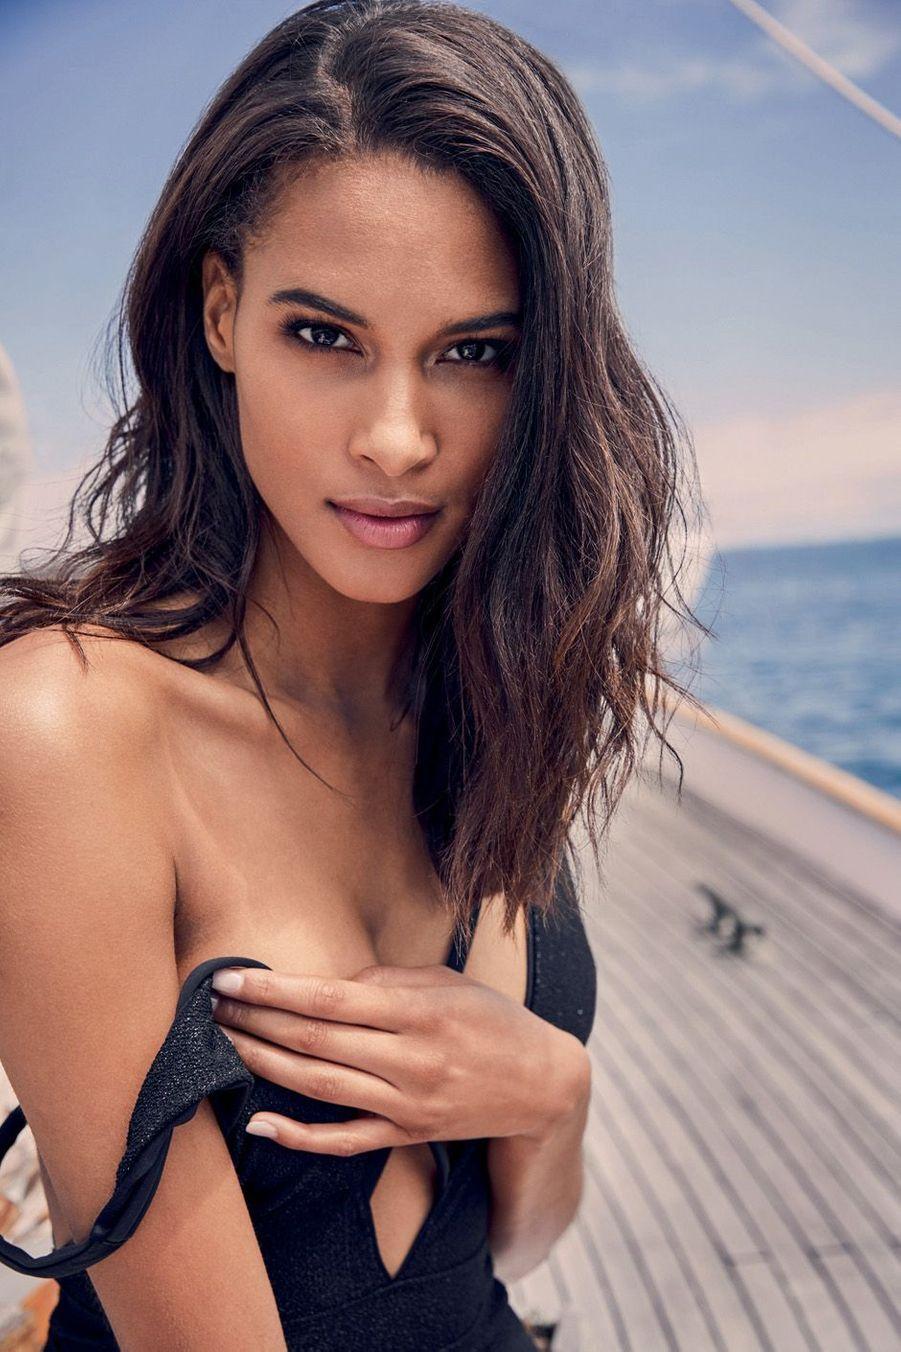 Cindy est l'une des rares Françaises à défiler pour la mythique marque de lingerie Victoria's Secret. Tout en elle est exceptionnel (boucles d'oreilles De Grisogono).